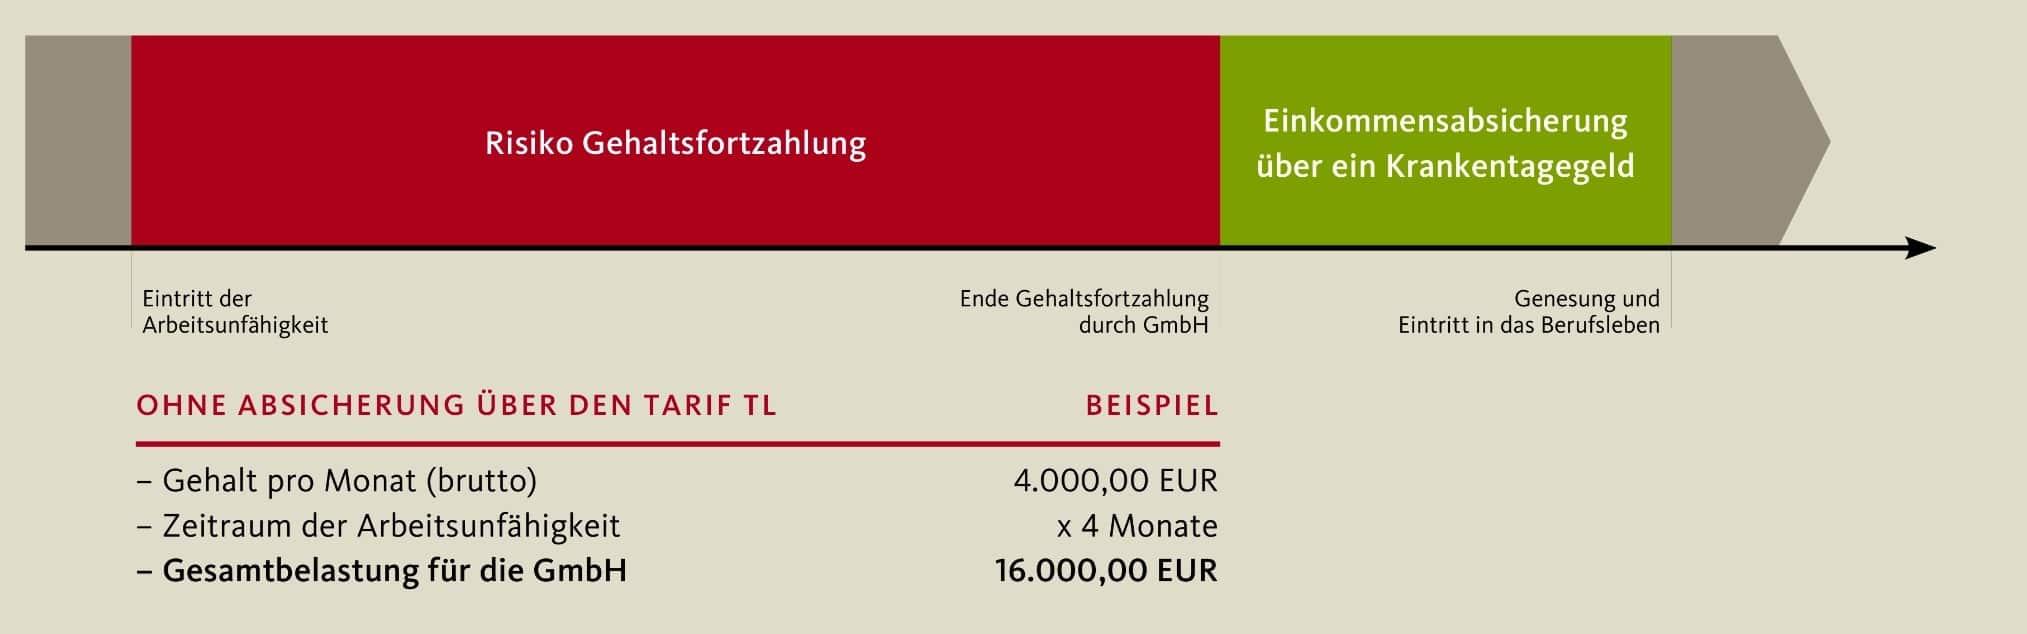 Risiko Gehaltsfortzahlung GmbH Geschäftsführer